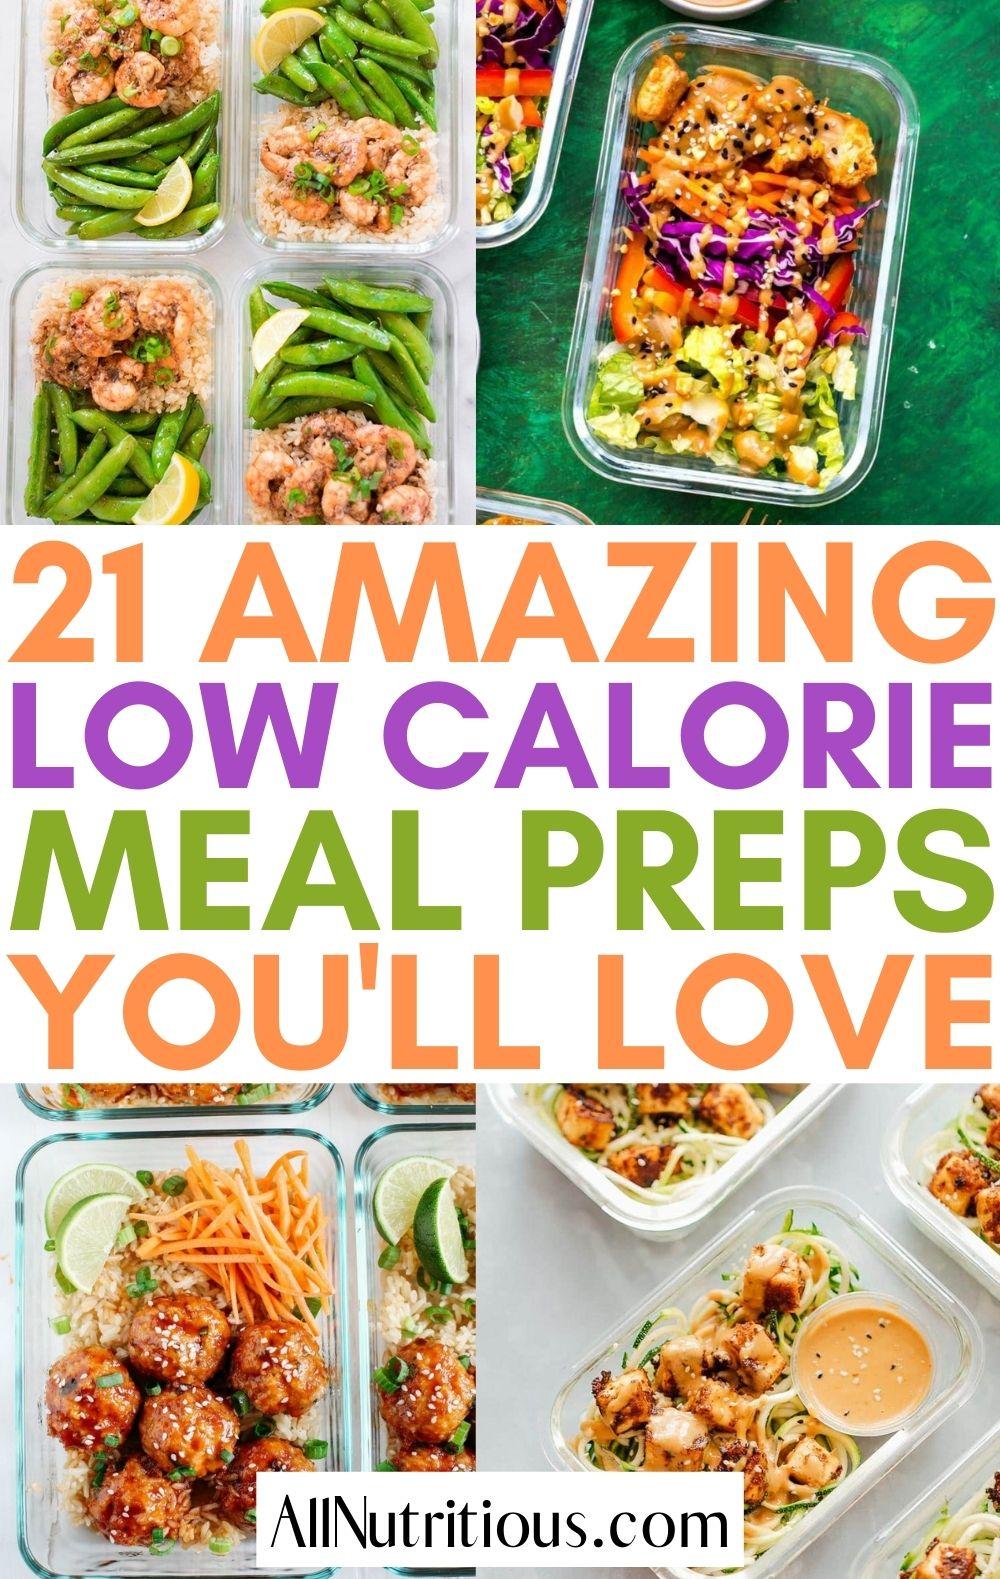 low calorie meal preps